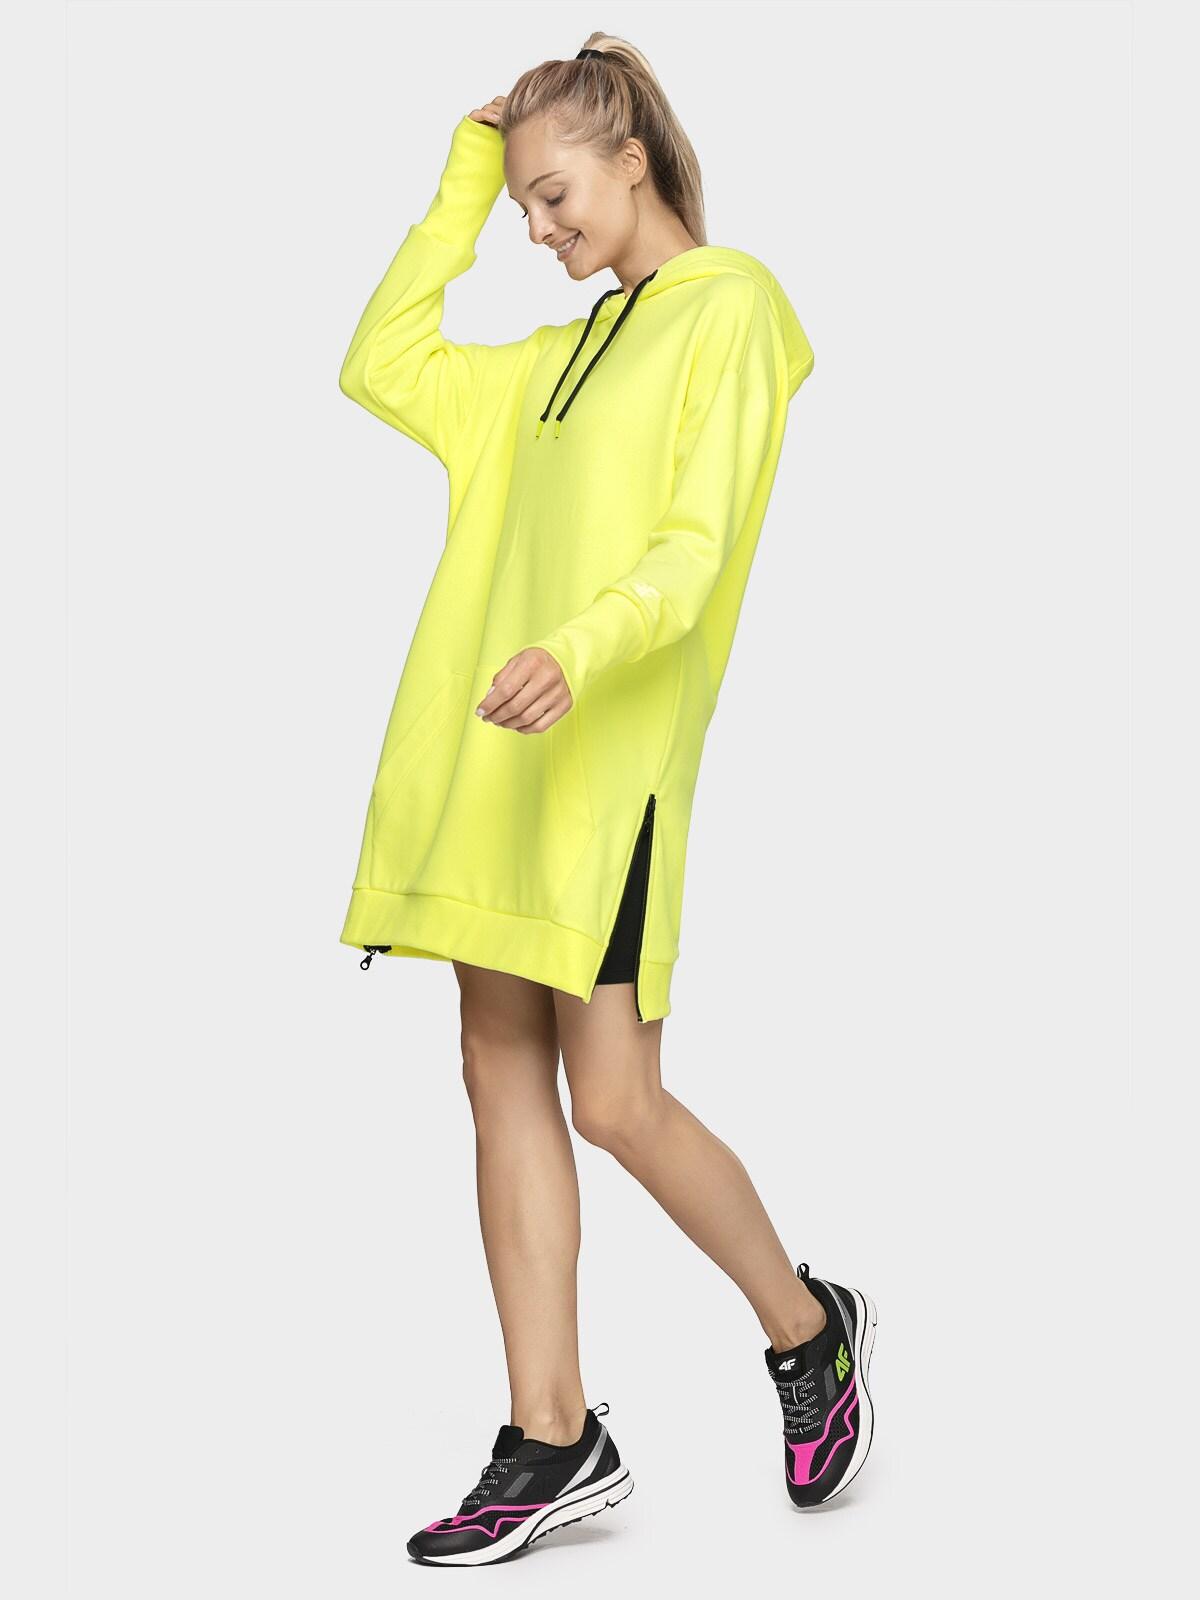 Bluza damska z suwakami po bokach BLD701 - limonka neon